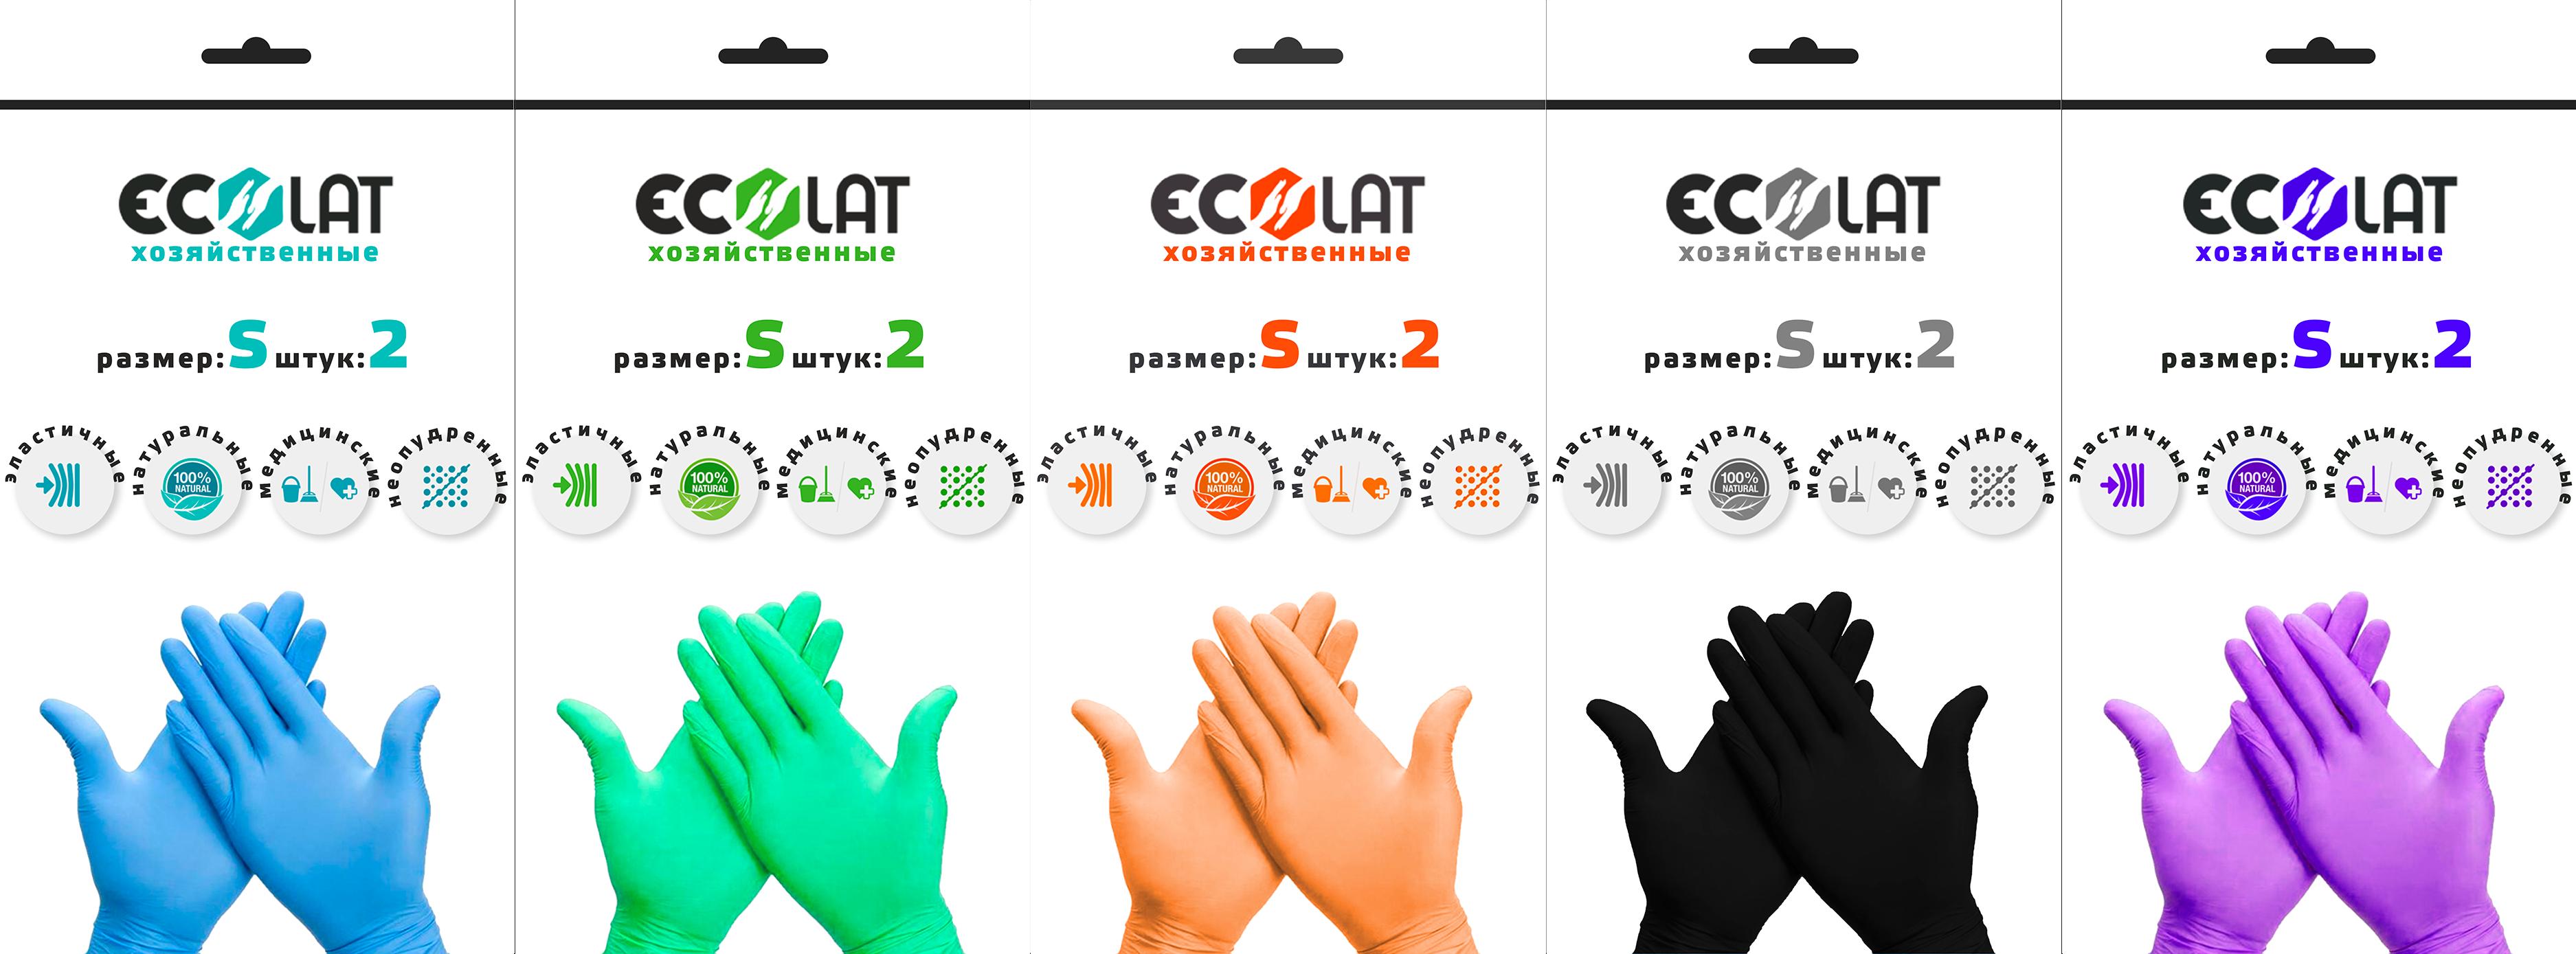 Создать дизайн для хозяйственных перчаток для упаковки flow pack фото f_9865d6cf03c52962.png